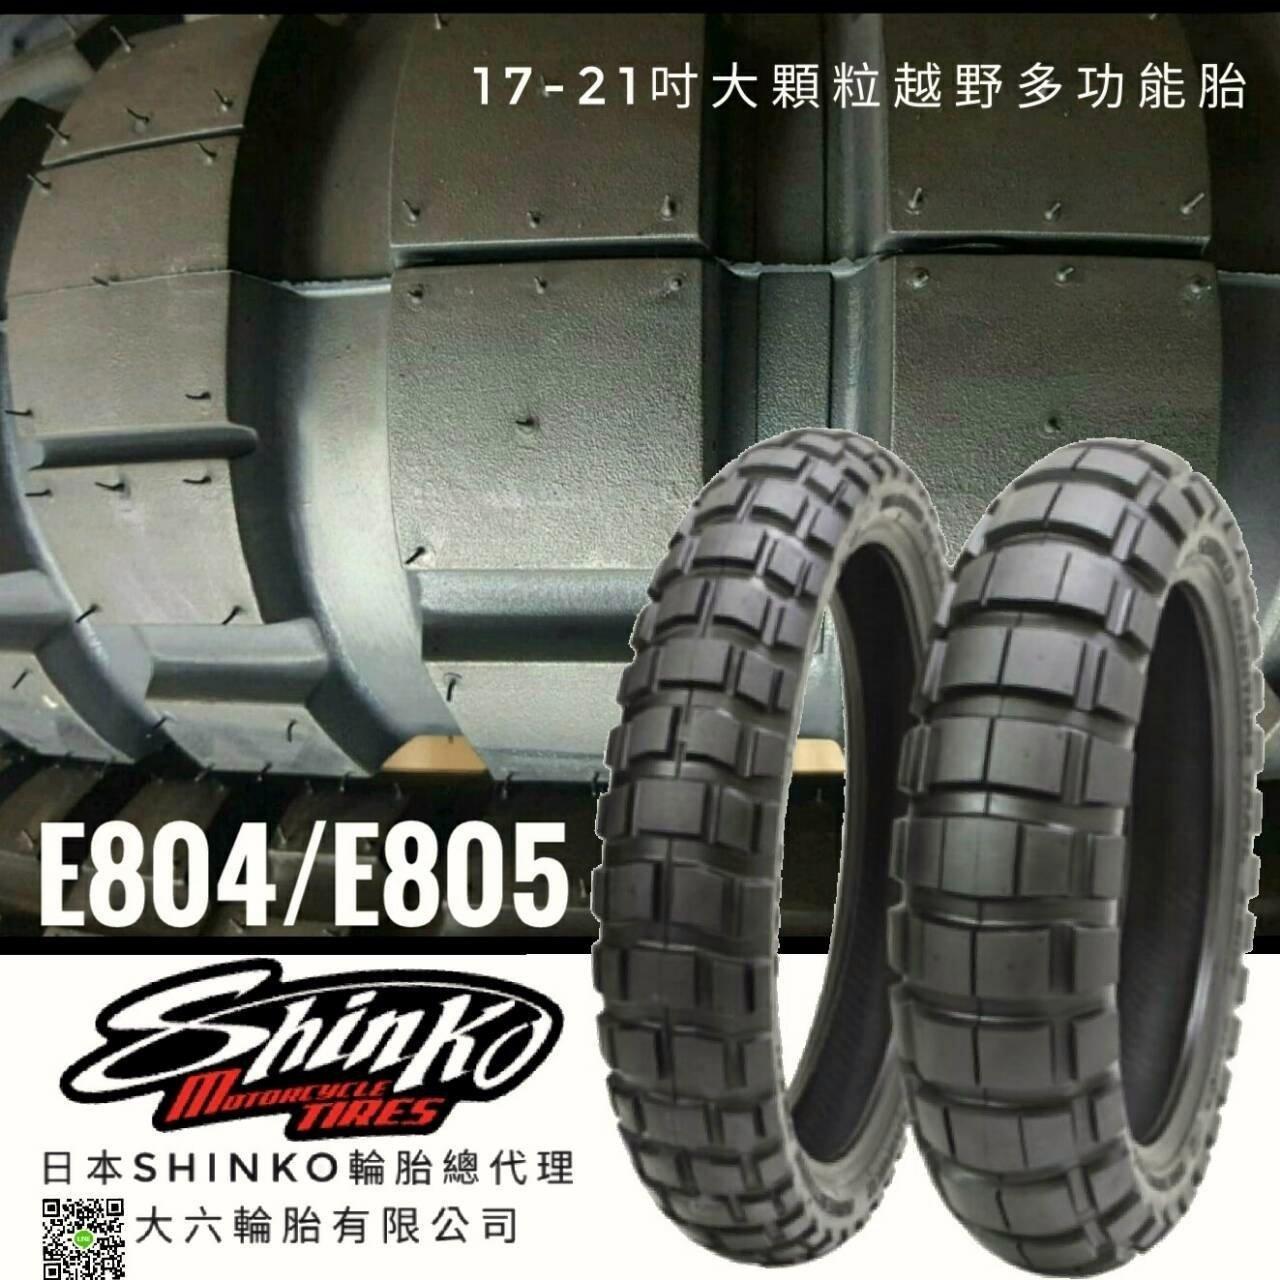 (輪胎王)日本SHINKO E804 100/90-19+E805 130/80-17 大顆耐力胎 凱旋T100